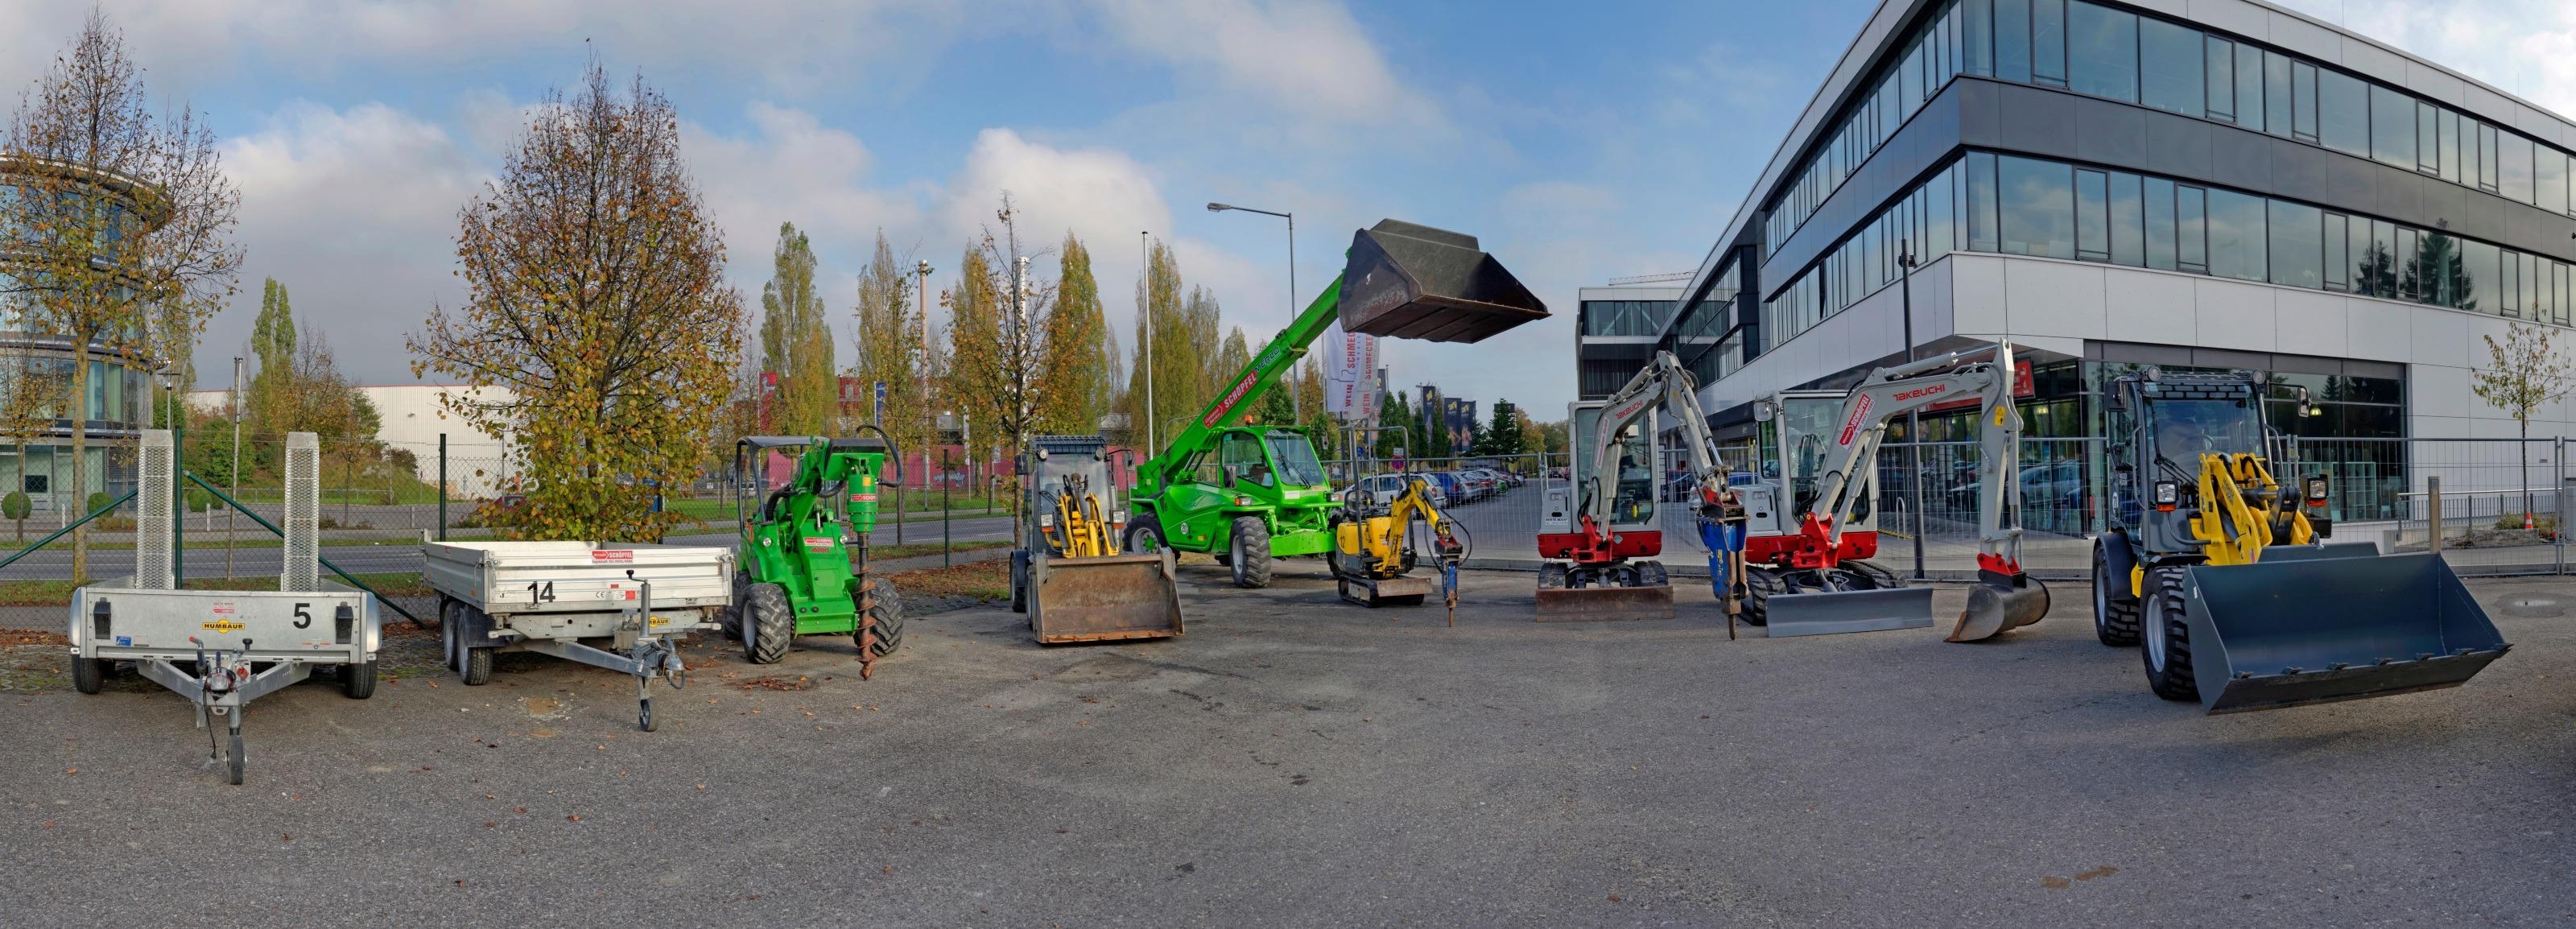 Mehr als 100 Klein- und Großgeräte stehen im Mietpark für Baumaschinen in Ingolstadt-Friedrichshofen zur Ausleihe für Kunden zur Verfügung. Fotos: Schöpfel